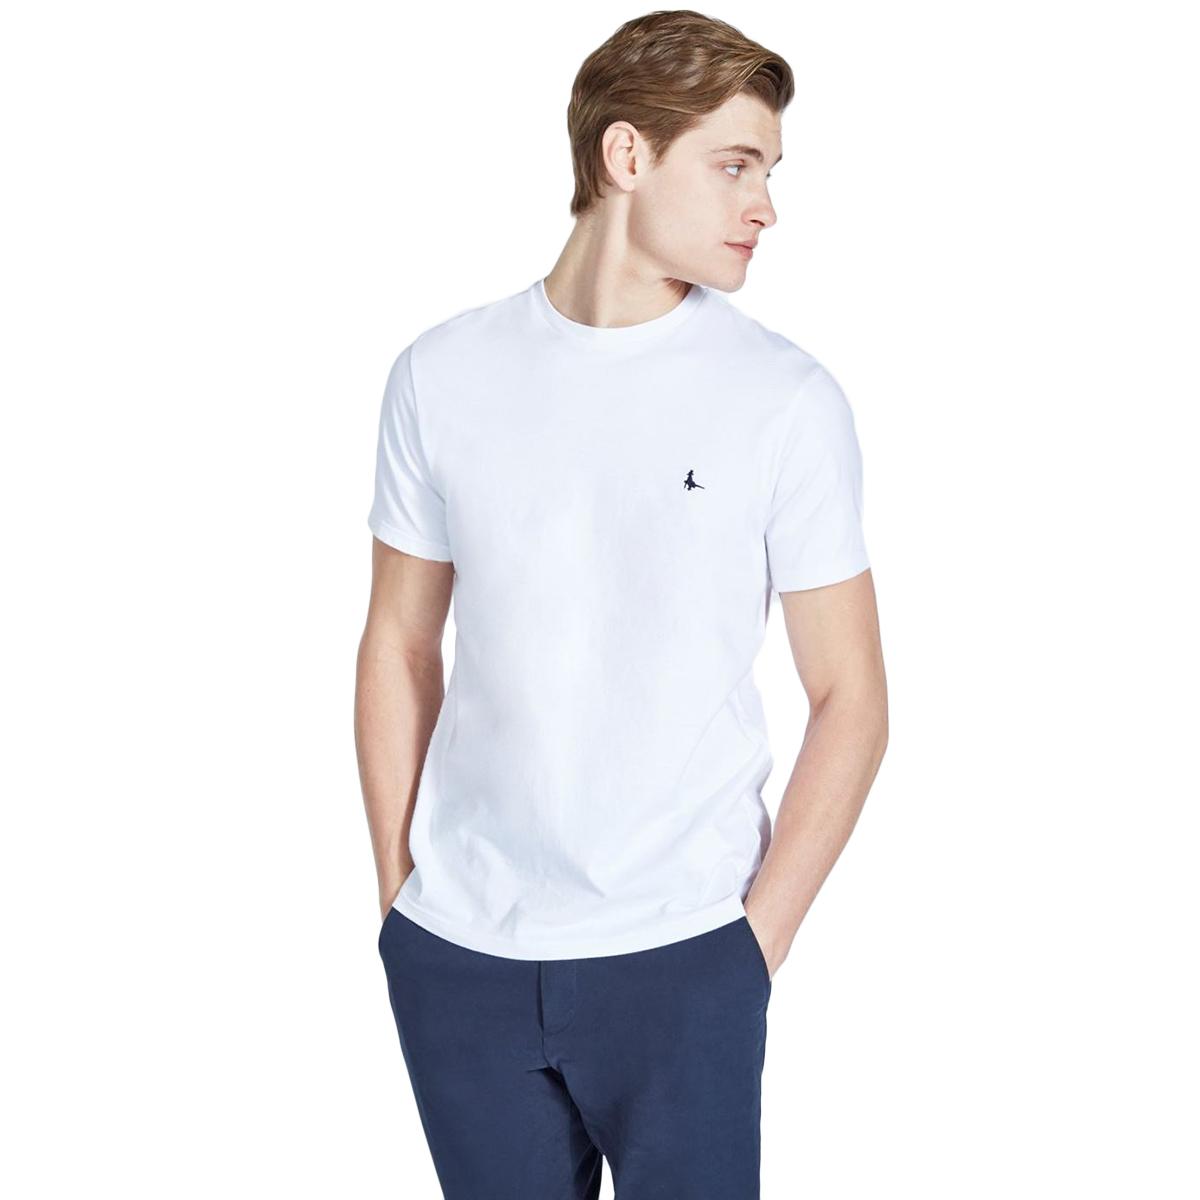 Jack Wills Men's Sandleford Basic Short-Sleeve Tee - White, XXS